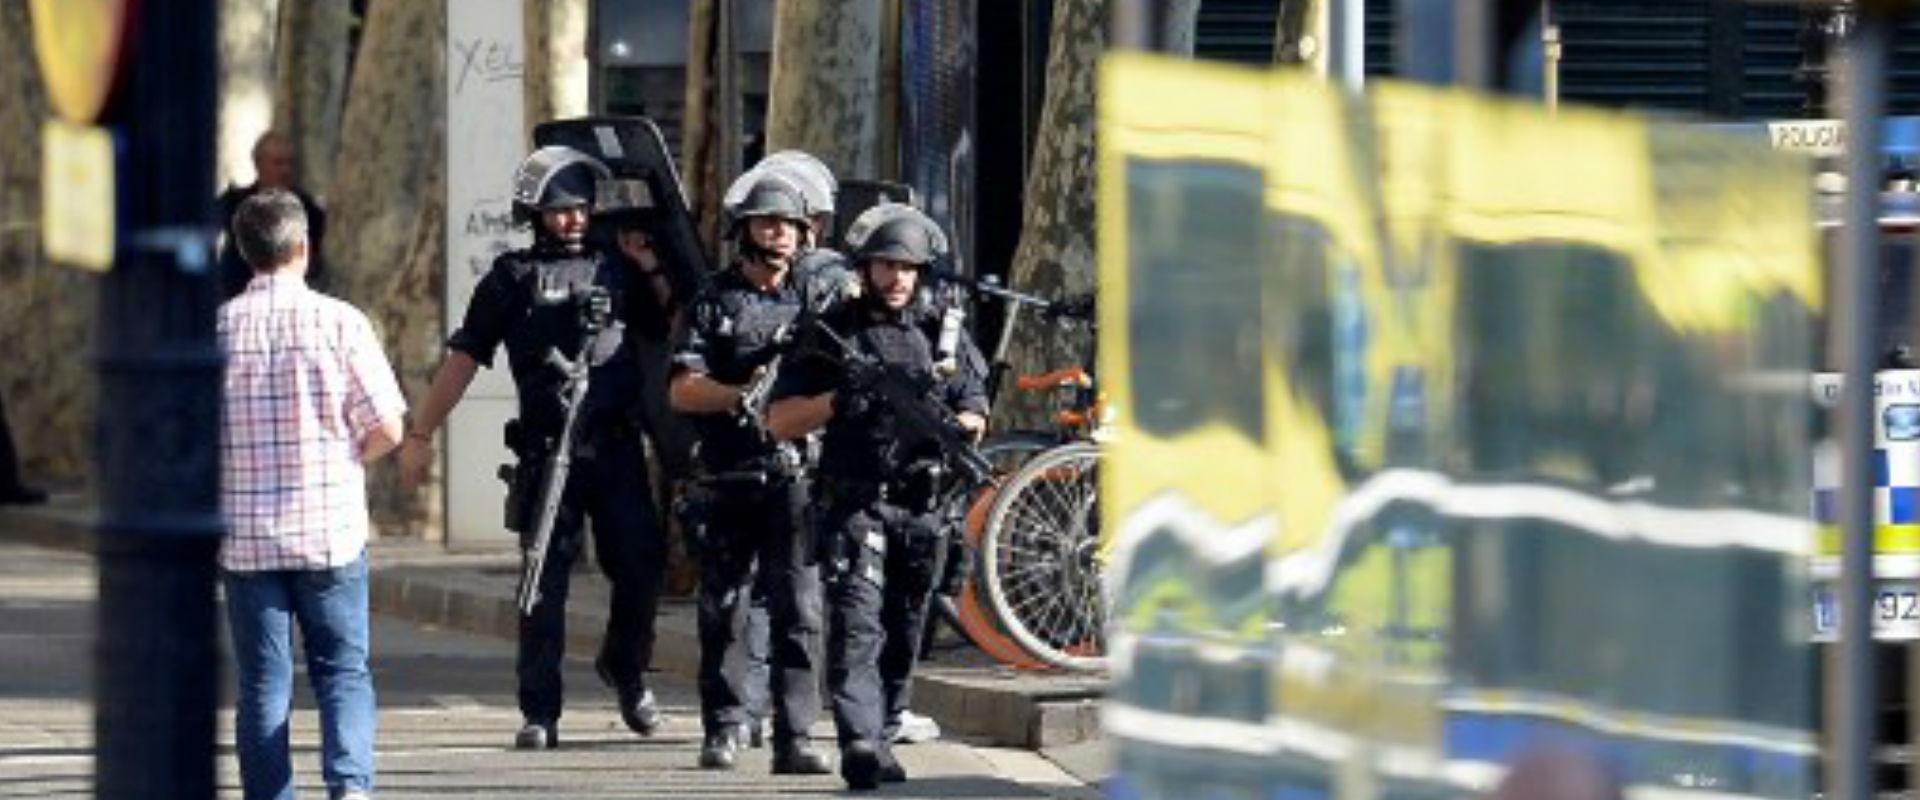 זירת פיגוע הדריסה בברצלונה